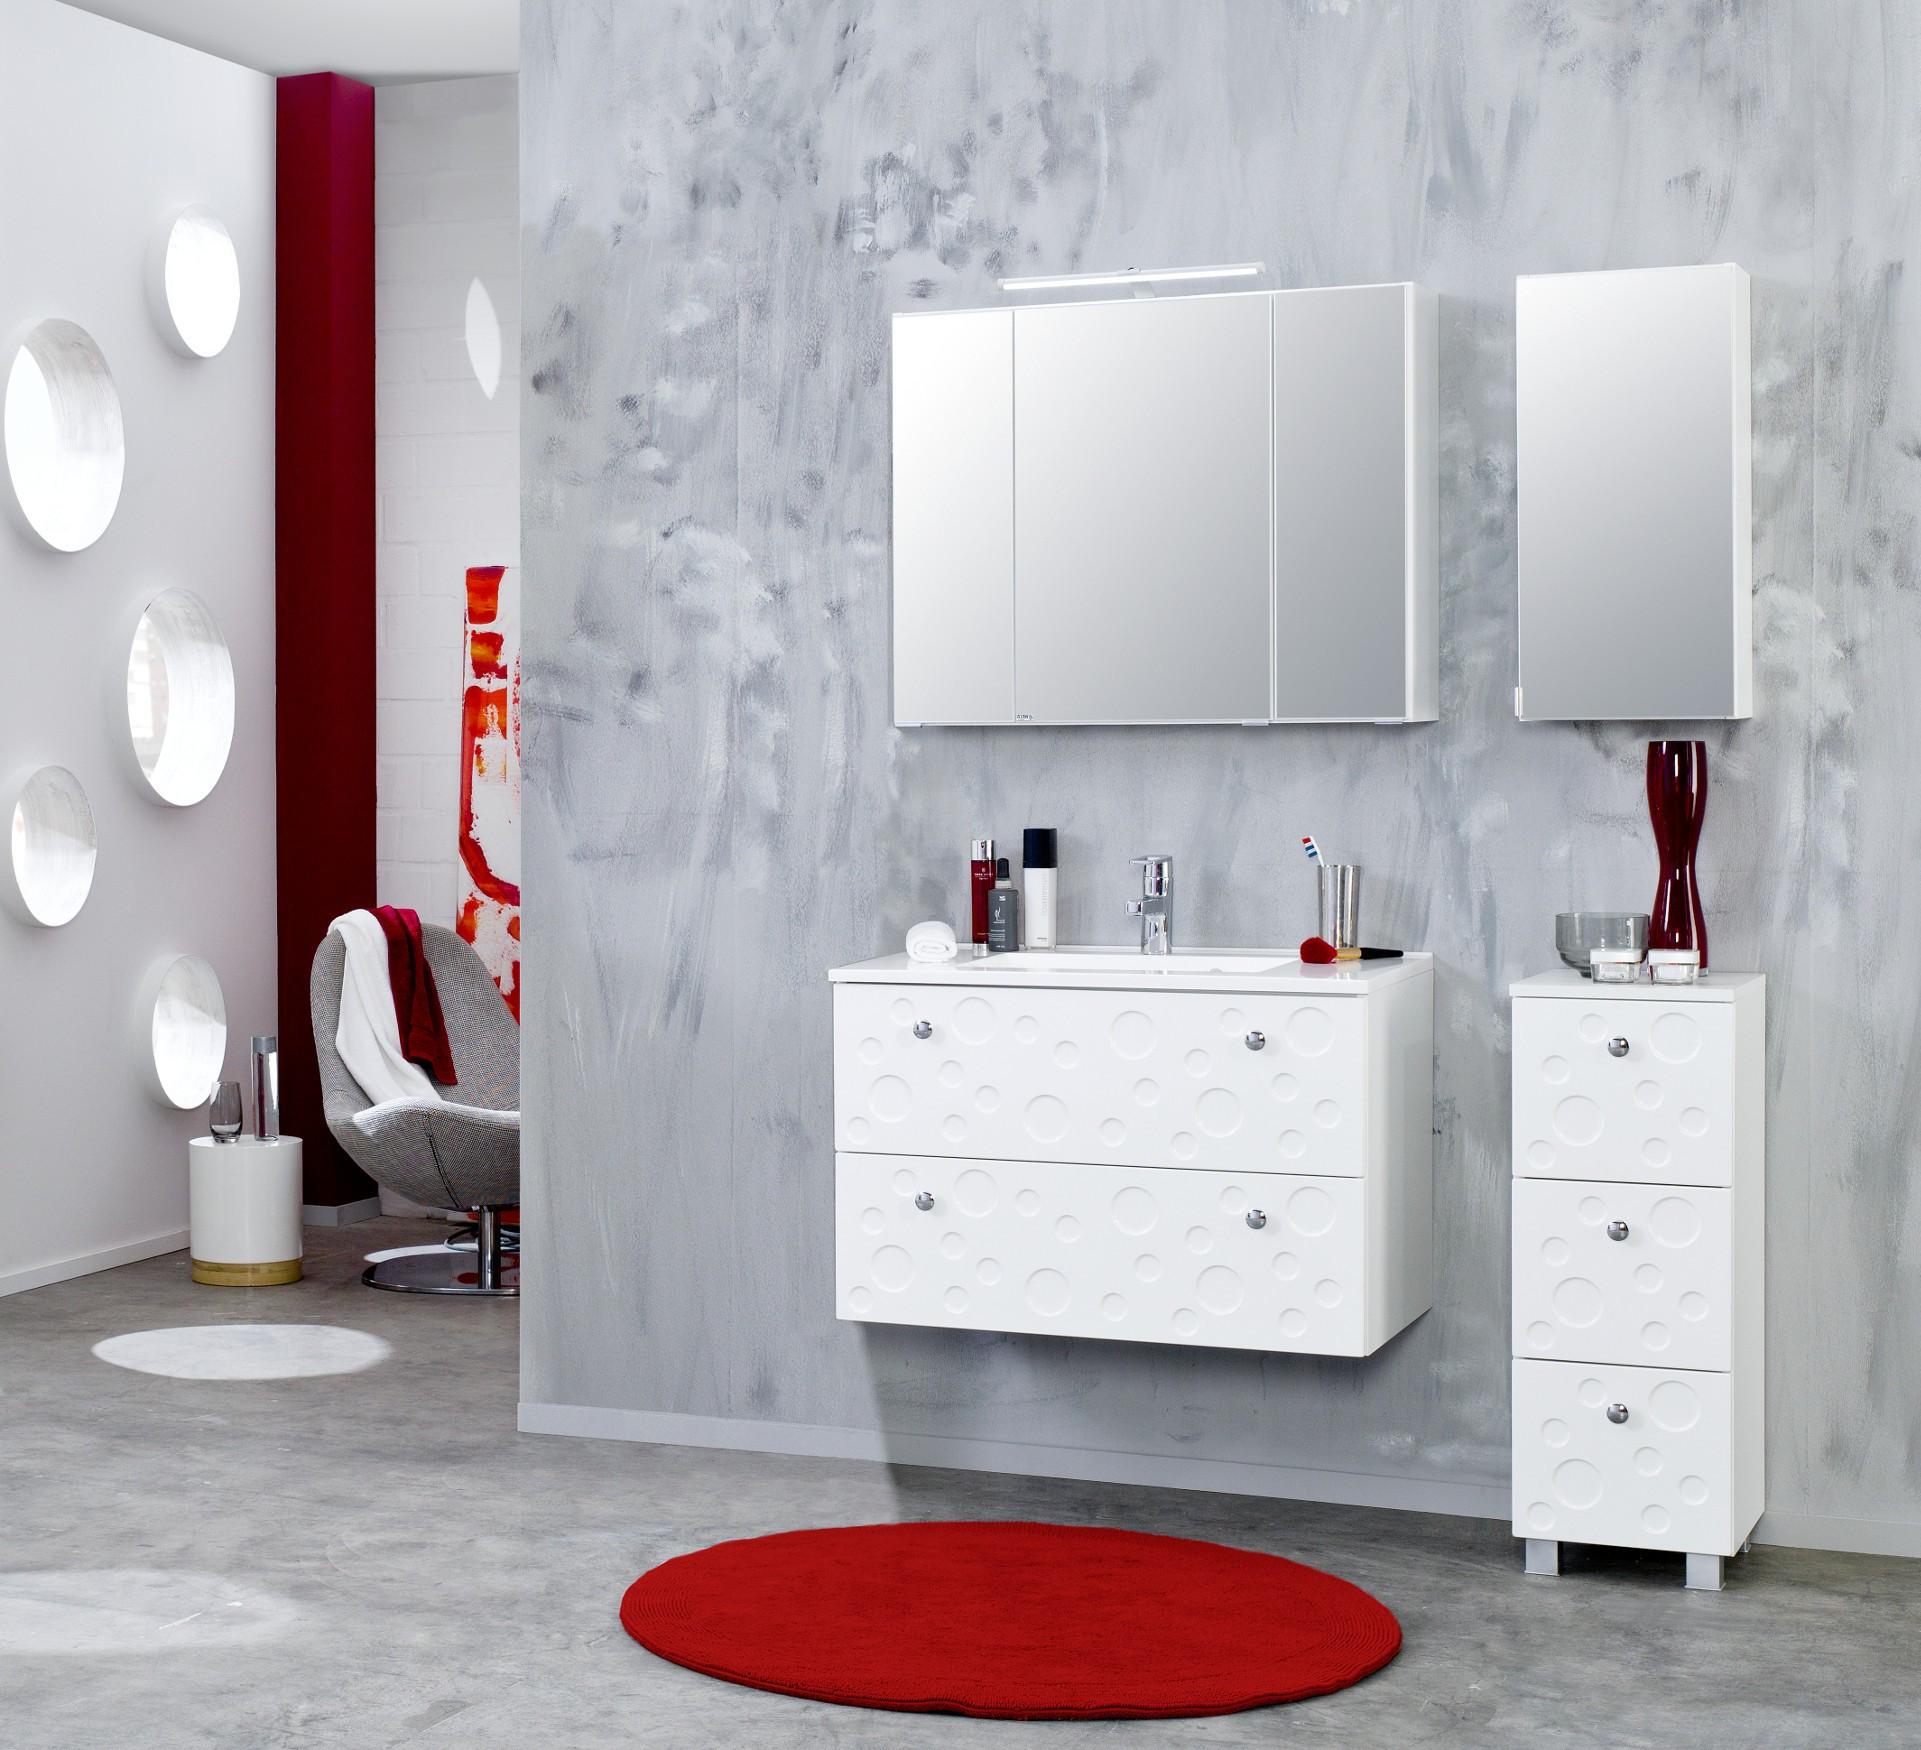 110 cm breit wei simple runder tisch mossa in wei cm breit with 110 cm breit wei with 110 cm. Black Bedroom Furniture Sets. Home Design Ideas